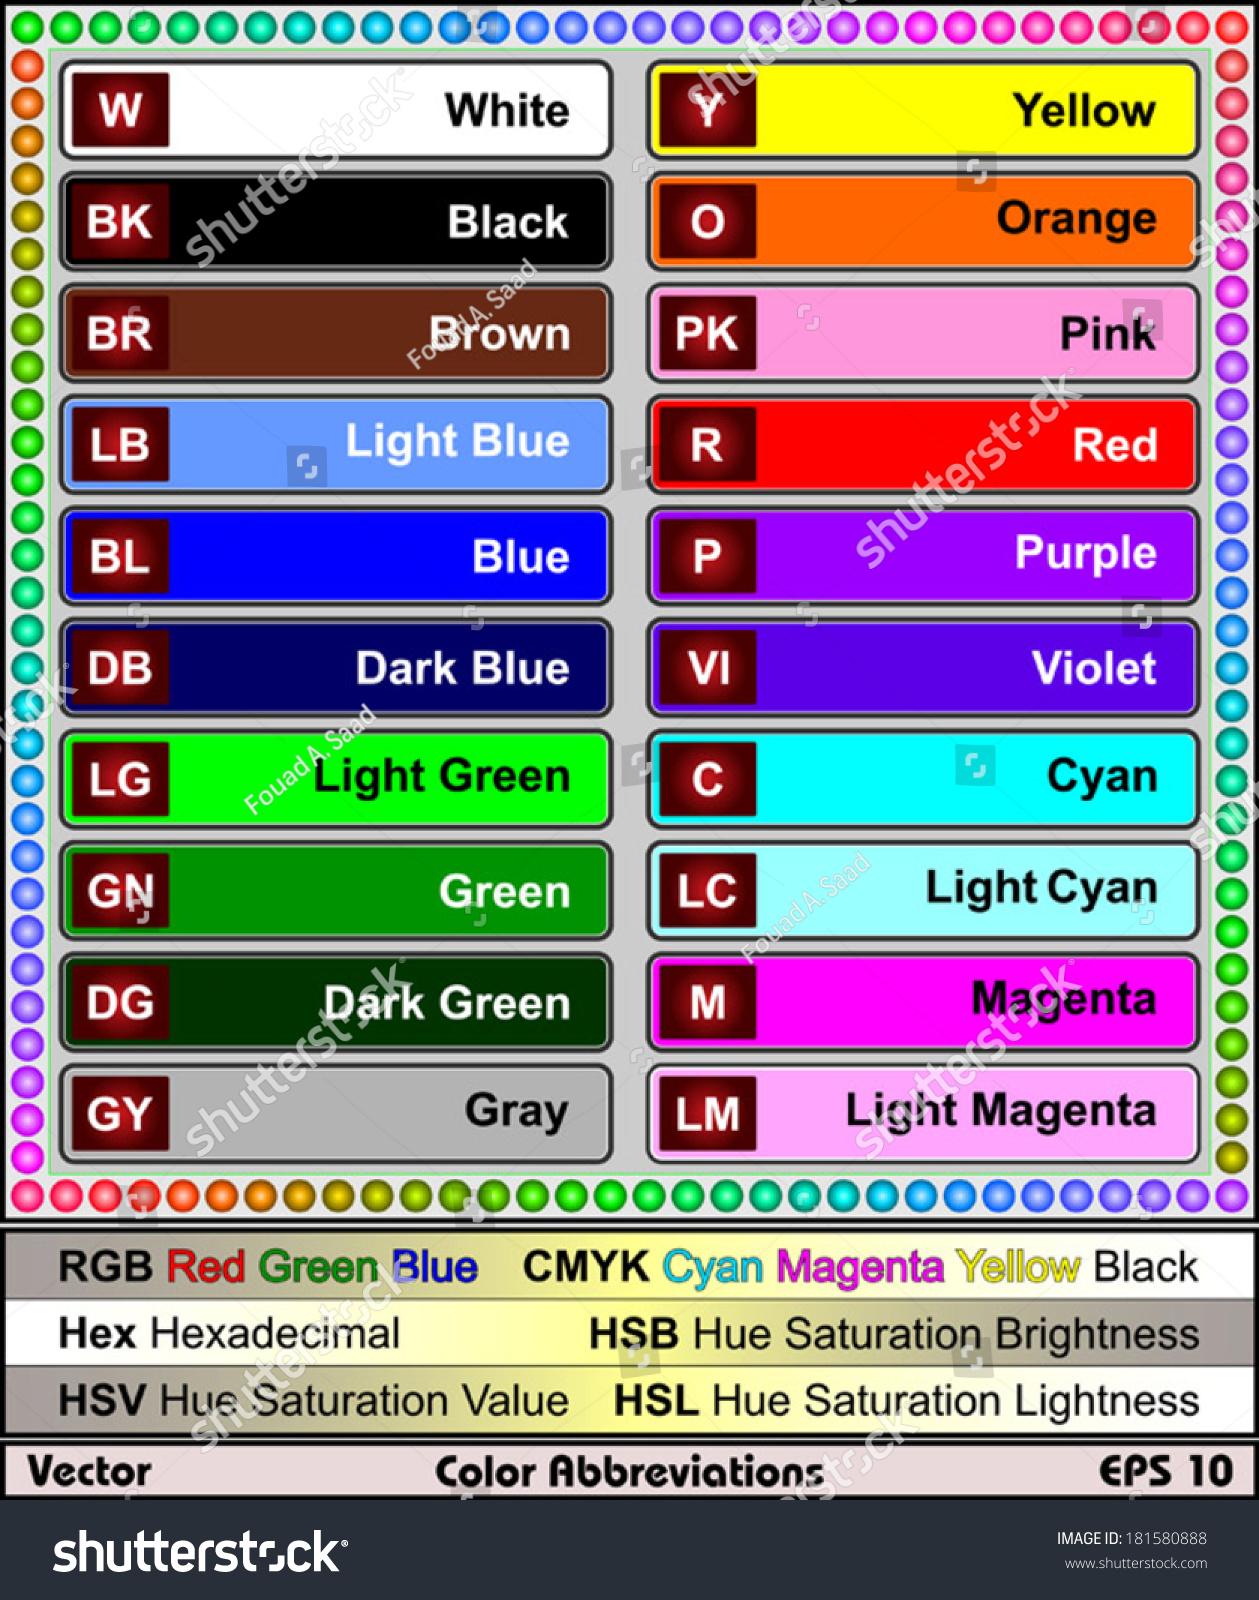 Color Abbreviations Stock Vector 181580888